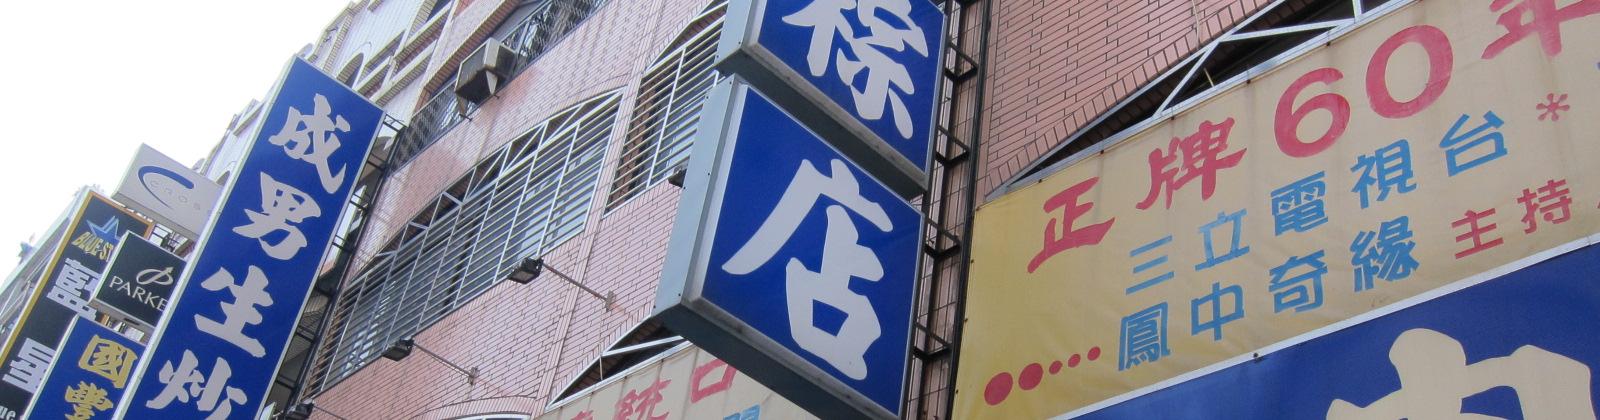 高雄 食記 成男生肉粽店